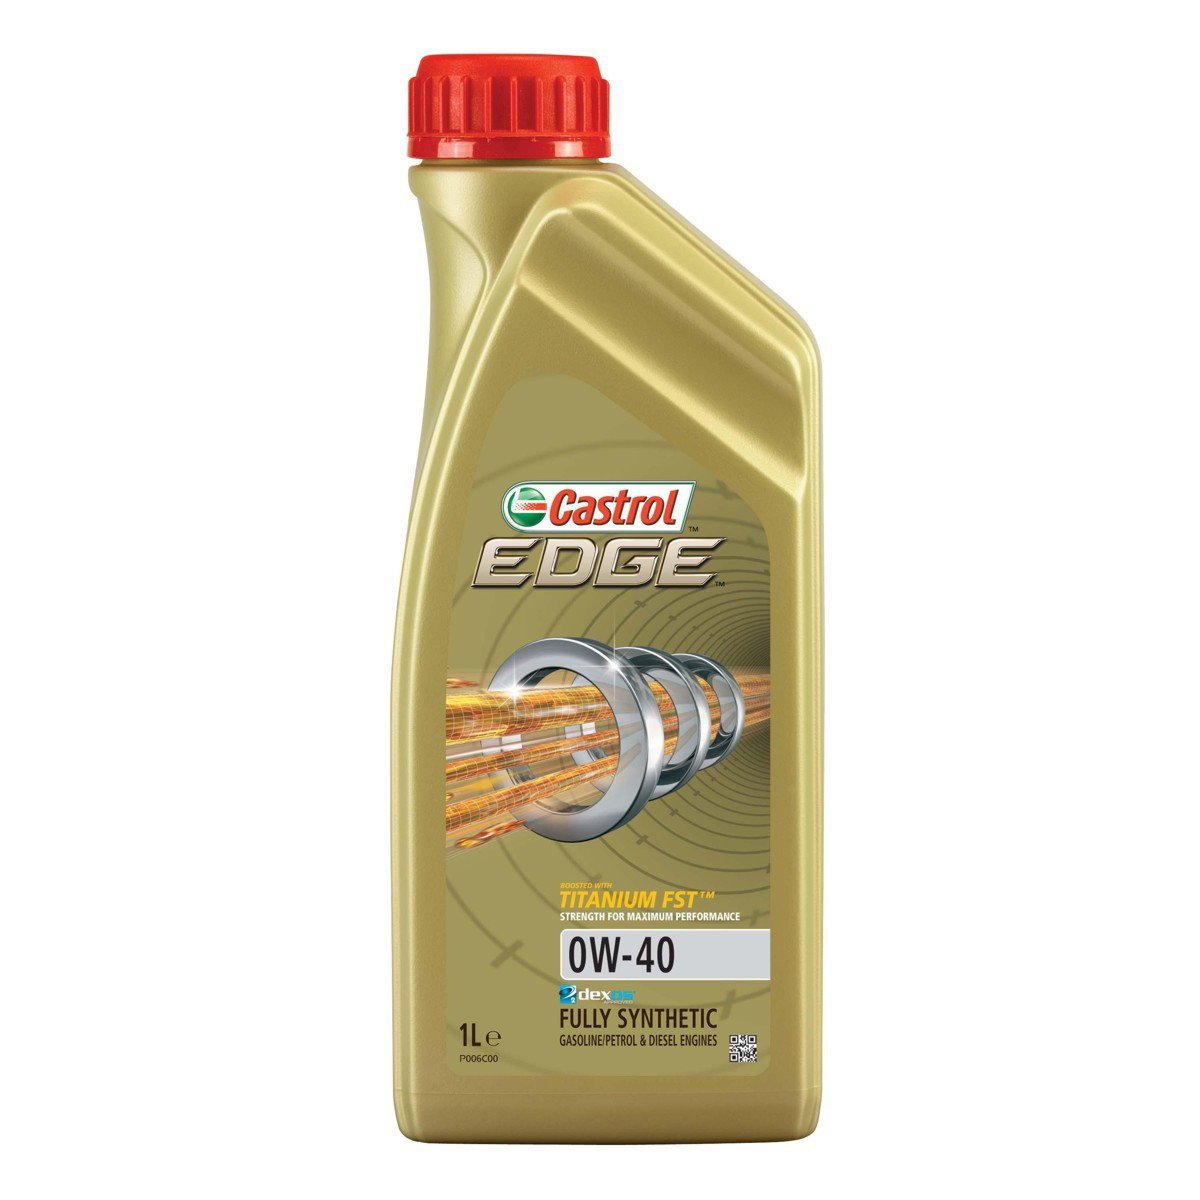 Castrol Edge 0W-40 Titanium FST 1L